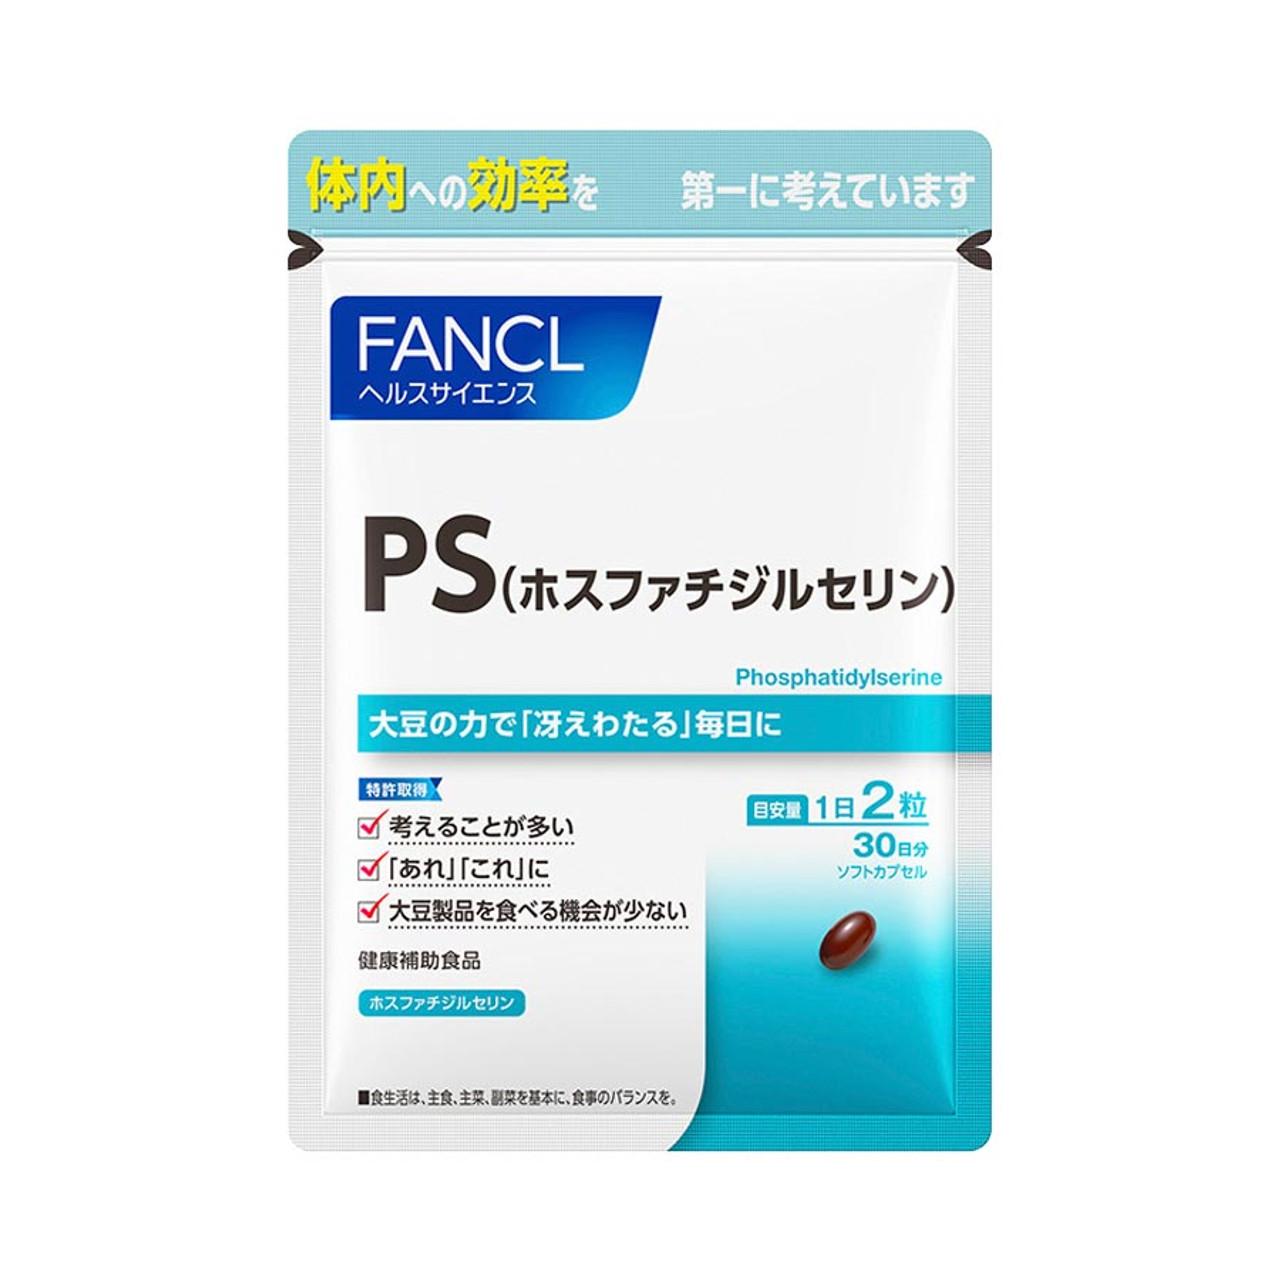 БАД Fancl PS Phosphatidylserine Фосфатидилсерин